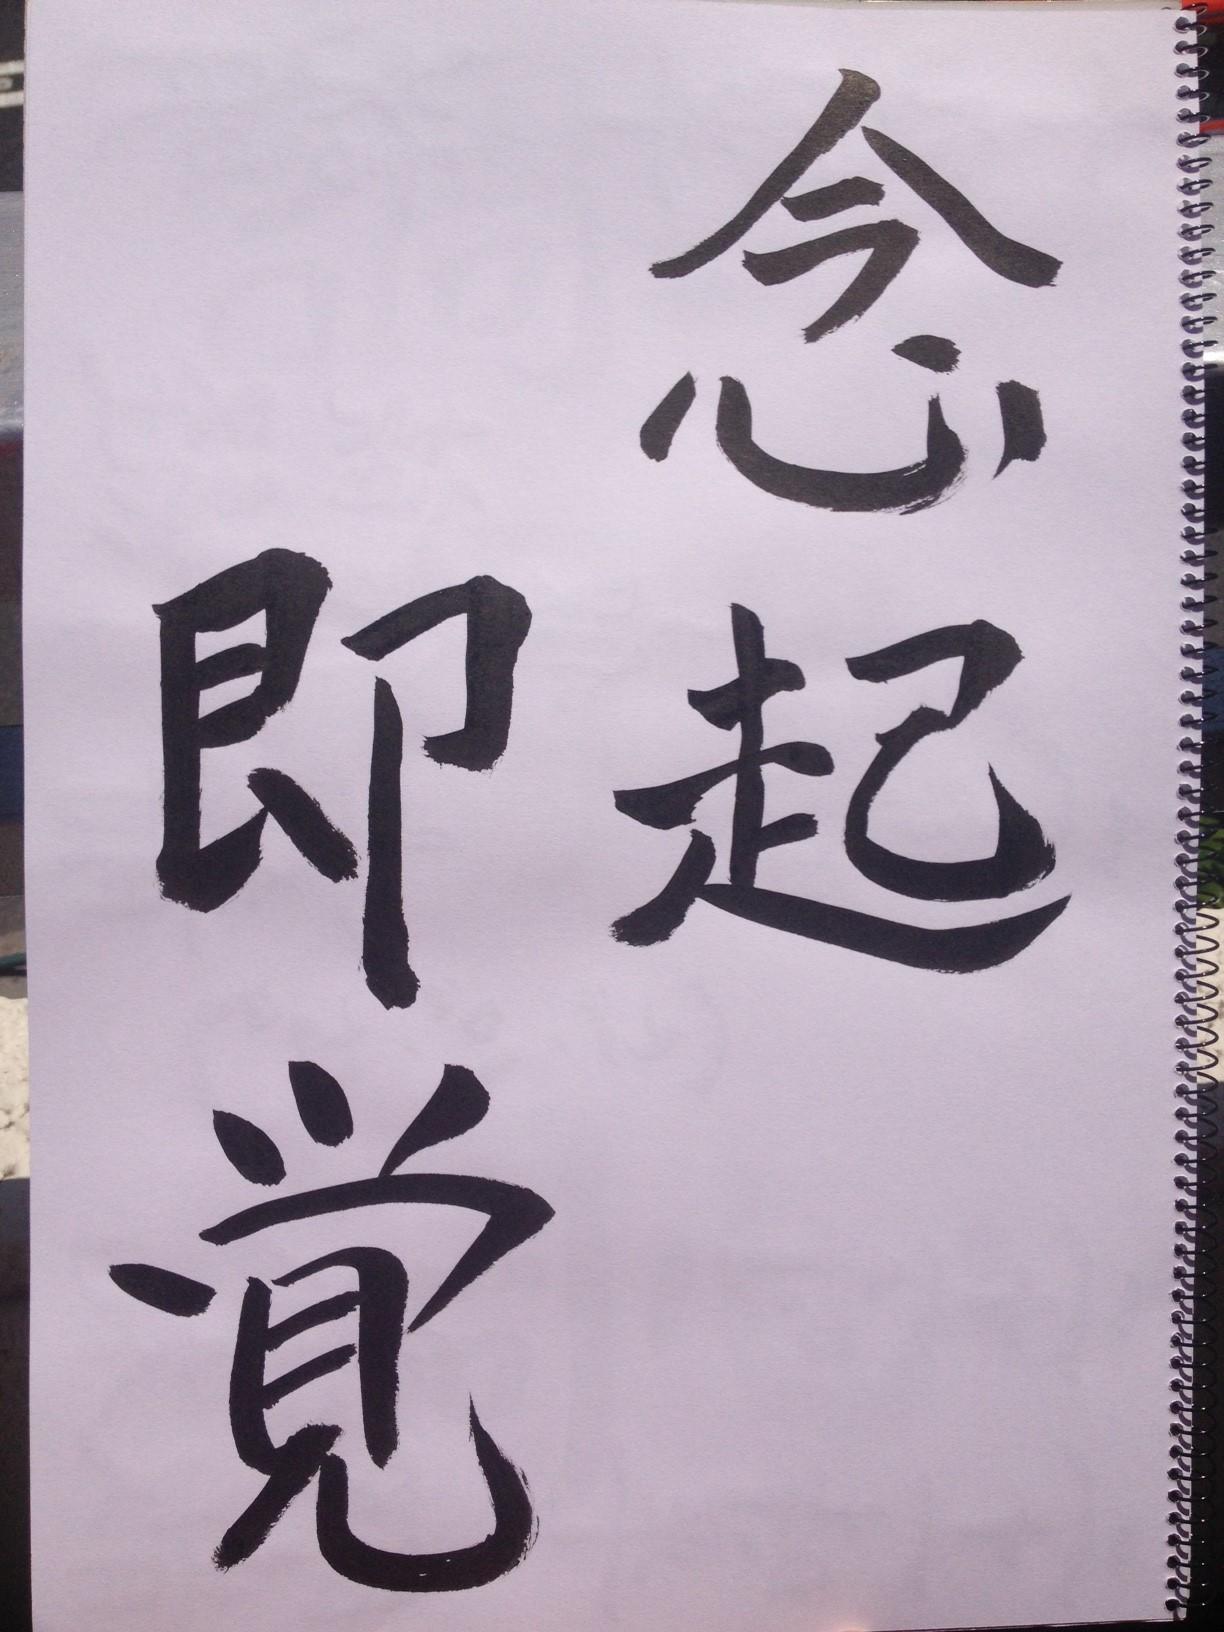 【コラム】坐禅あるある 第6炷 『念起即覚(念起こらば即ち覚めよ)』